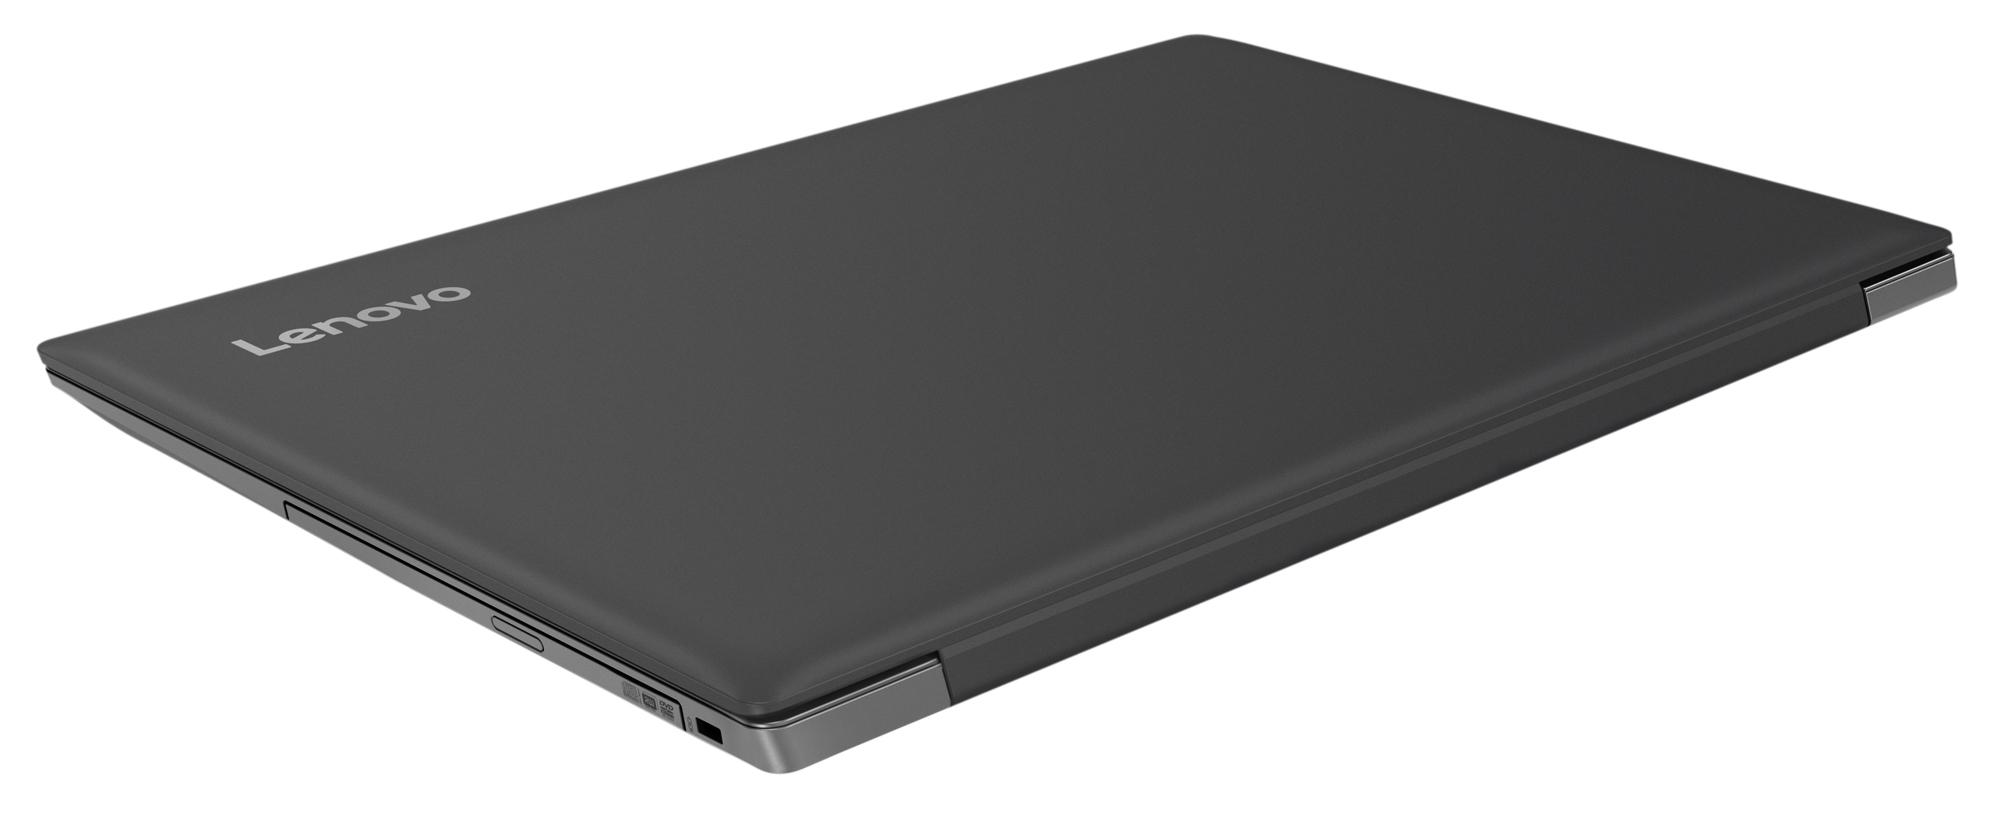 Фото  Ноутбук Lenovo ideapad 330-15 Onyx Black (81D2009YRA)